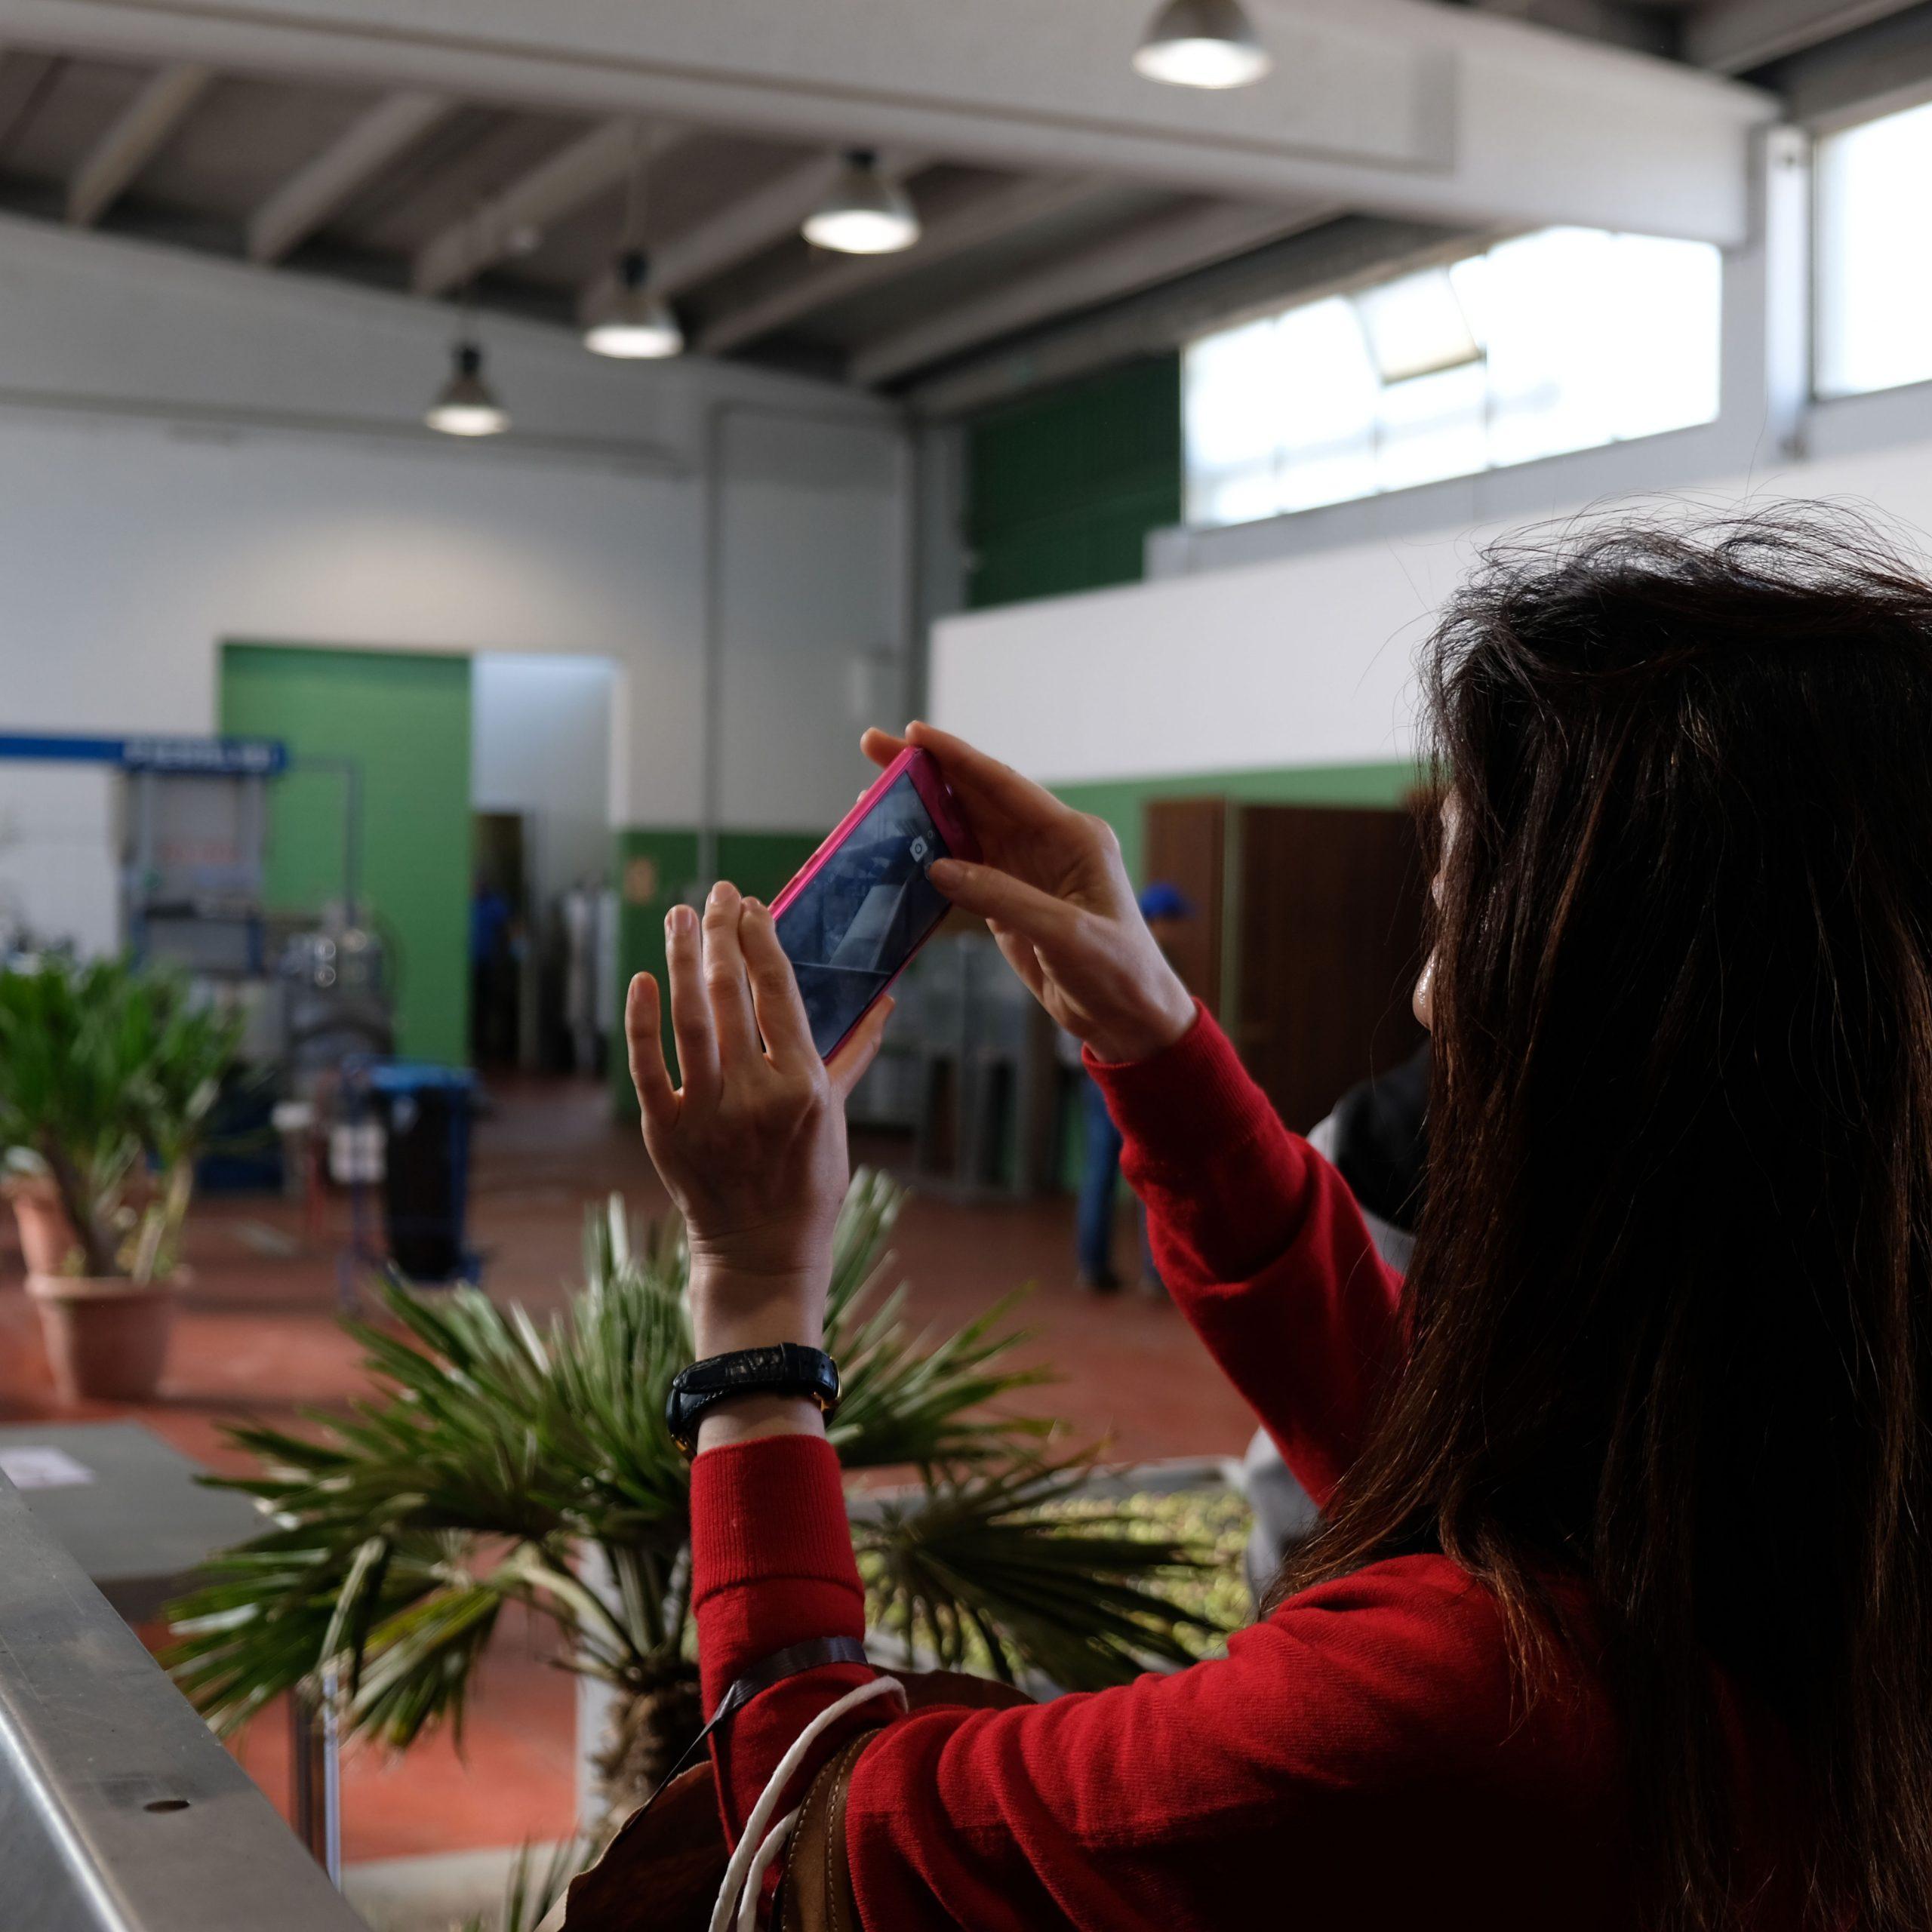 donna fotografa con il cellulare produzione Val Paradiso